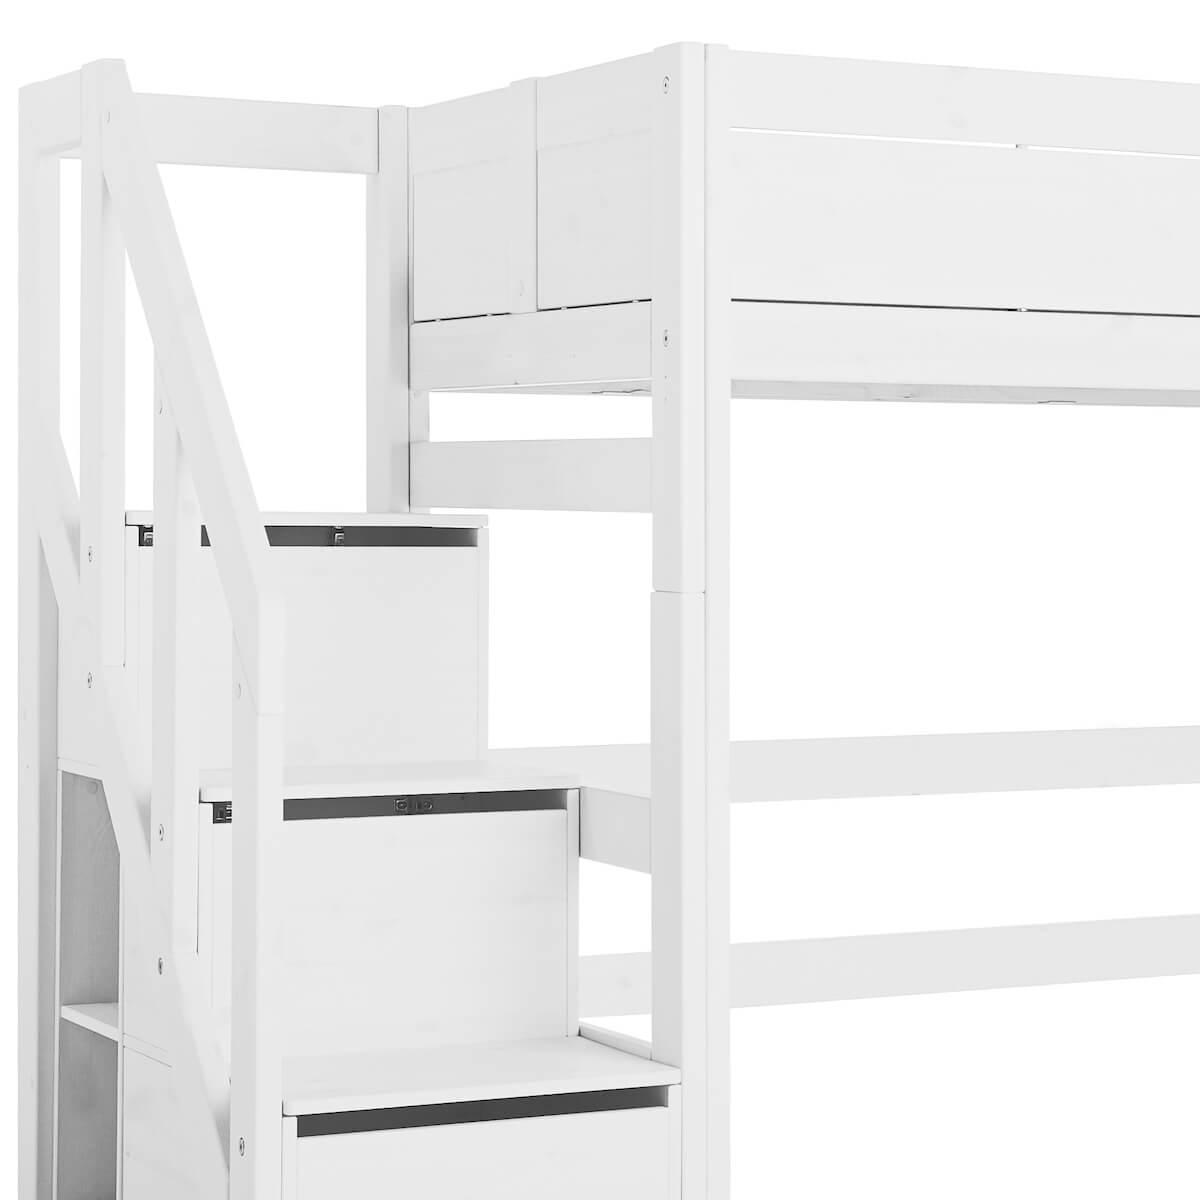 Cama semi alta-escalera cajones 90x200cm Lifetime blanco